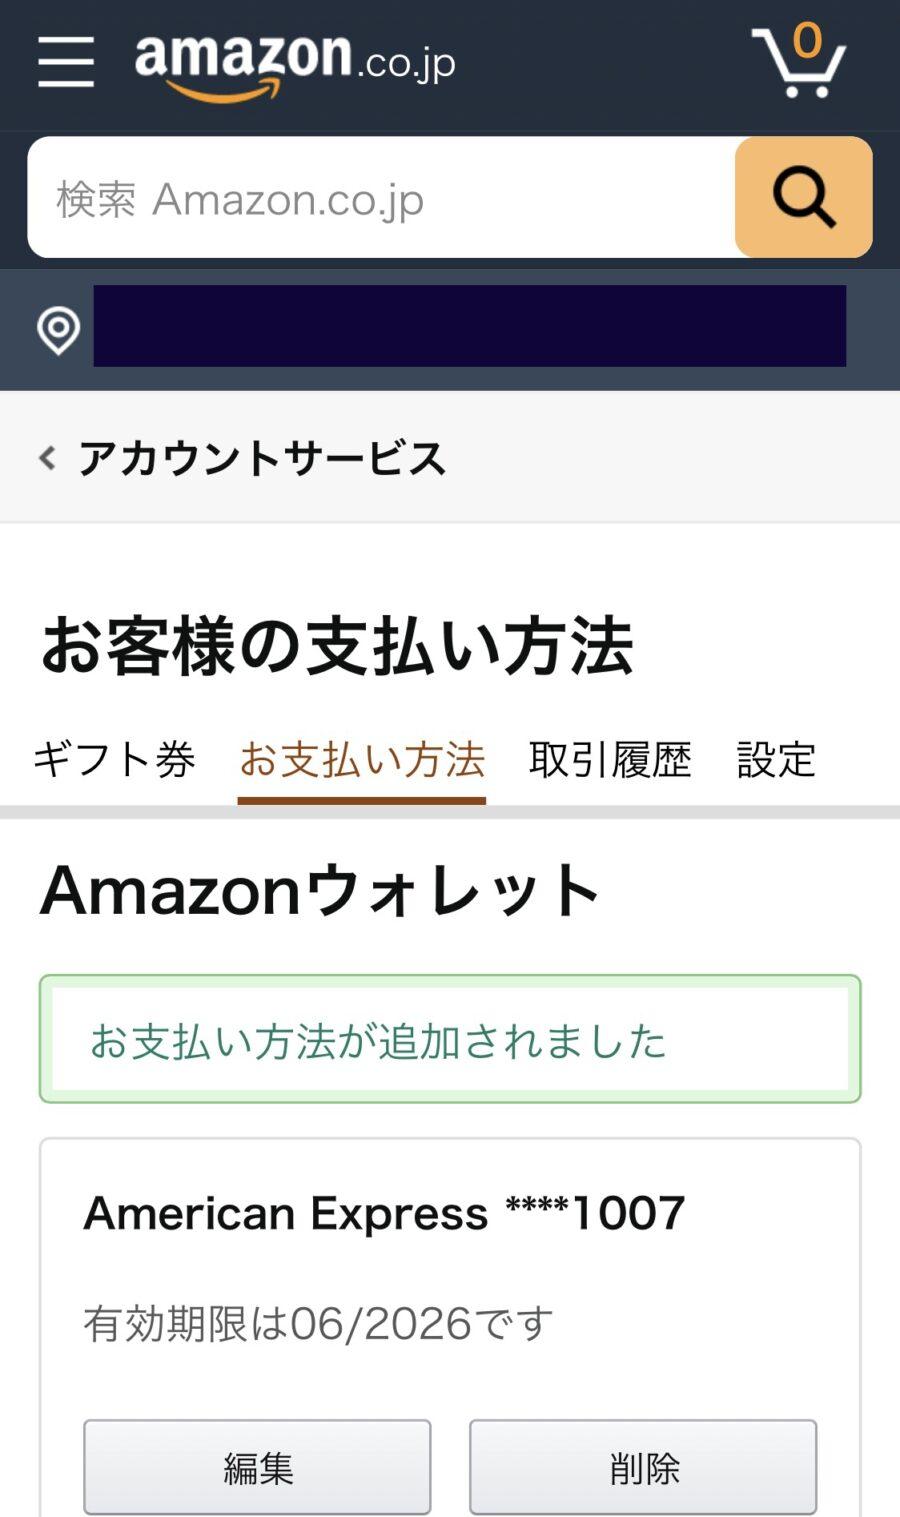 Amazon(アマゾン)のクレジットカード追加・変更方法8